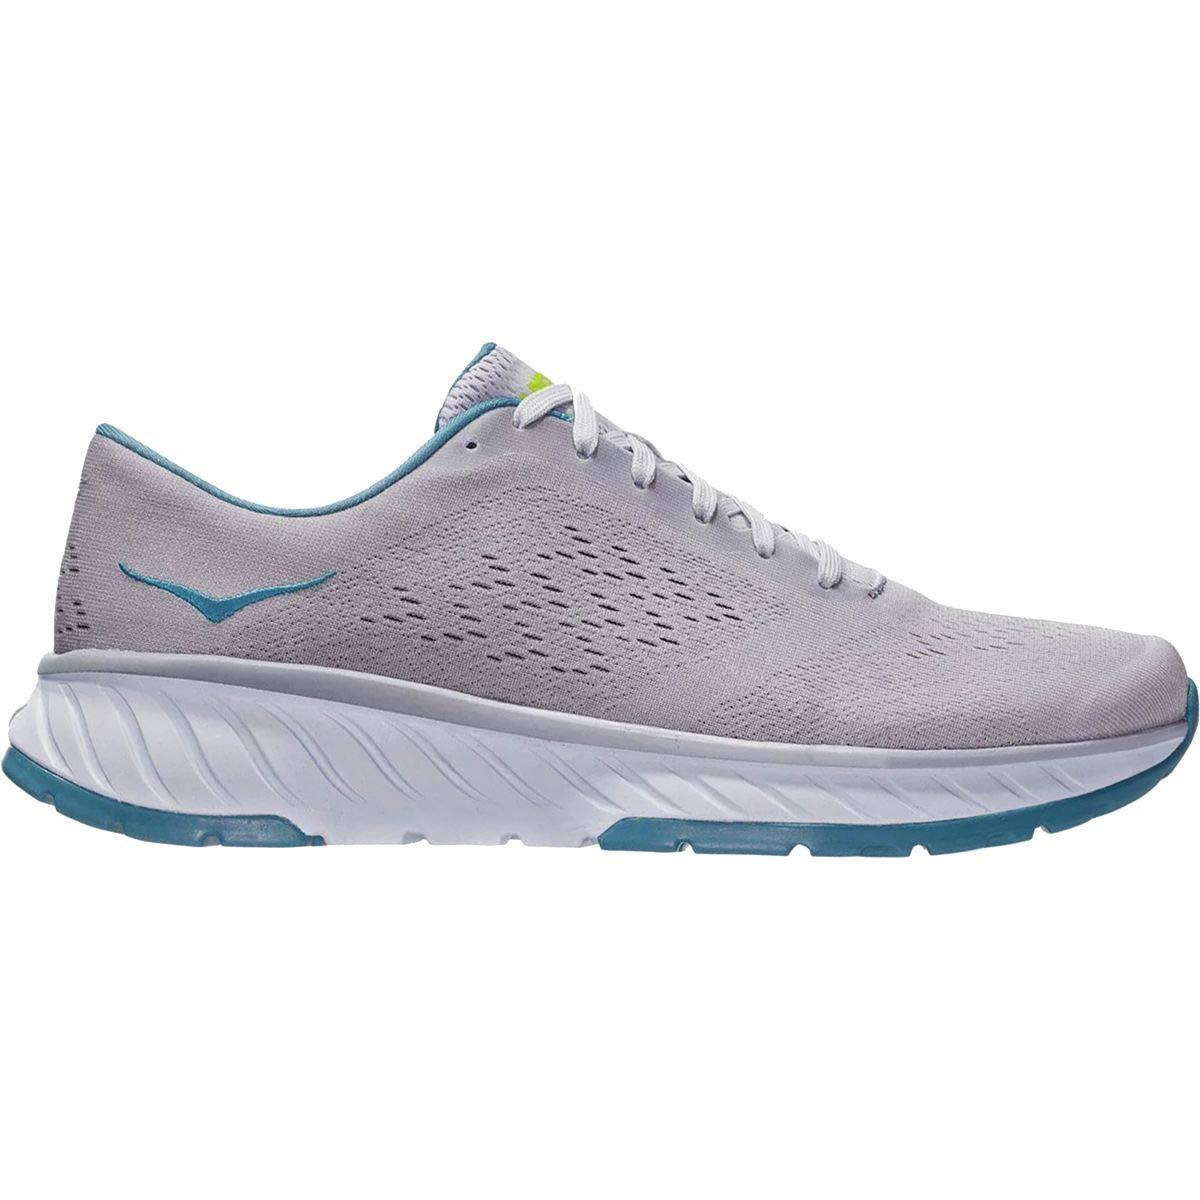 高速配送 [ホッカオネオネ] メンズ ランニング Cavu 2 Running Shoe [並行輸入品] B07P2WYNXW   14, サカキマチ 03c70dd2